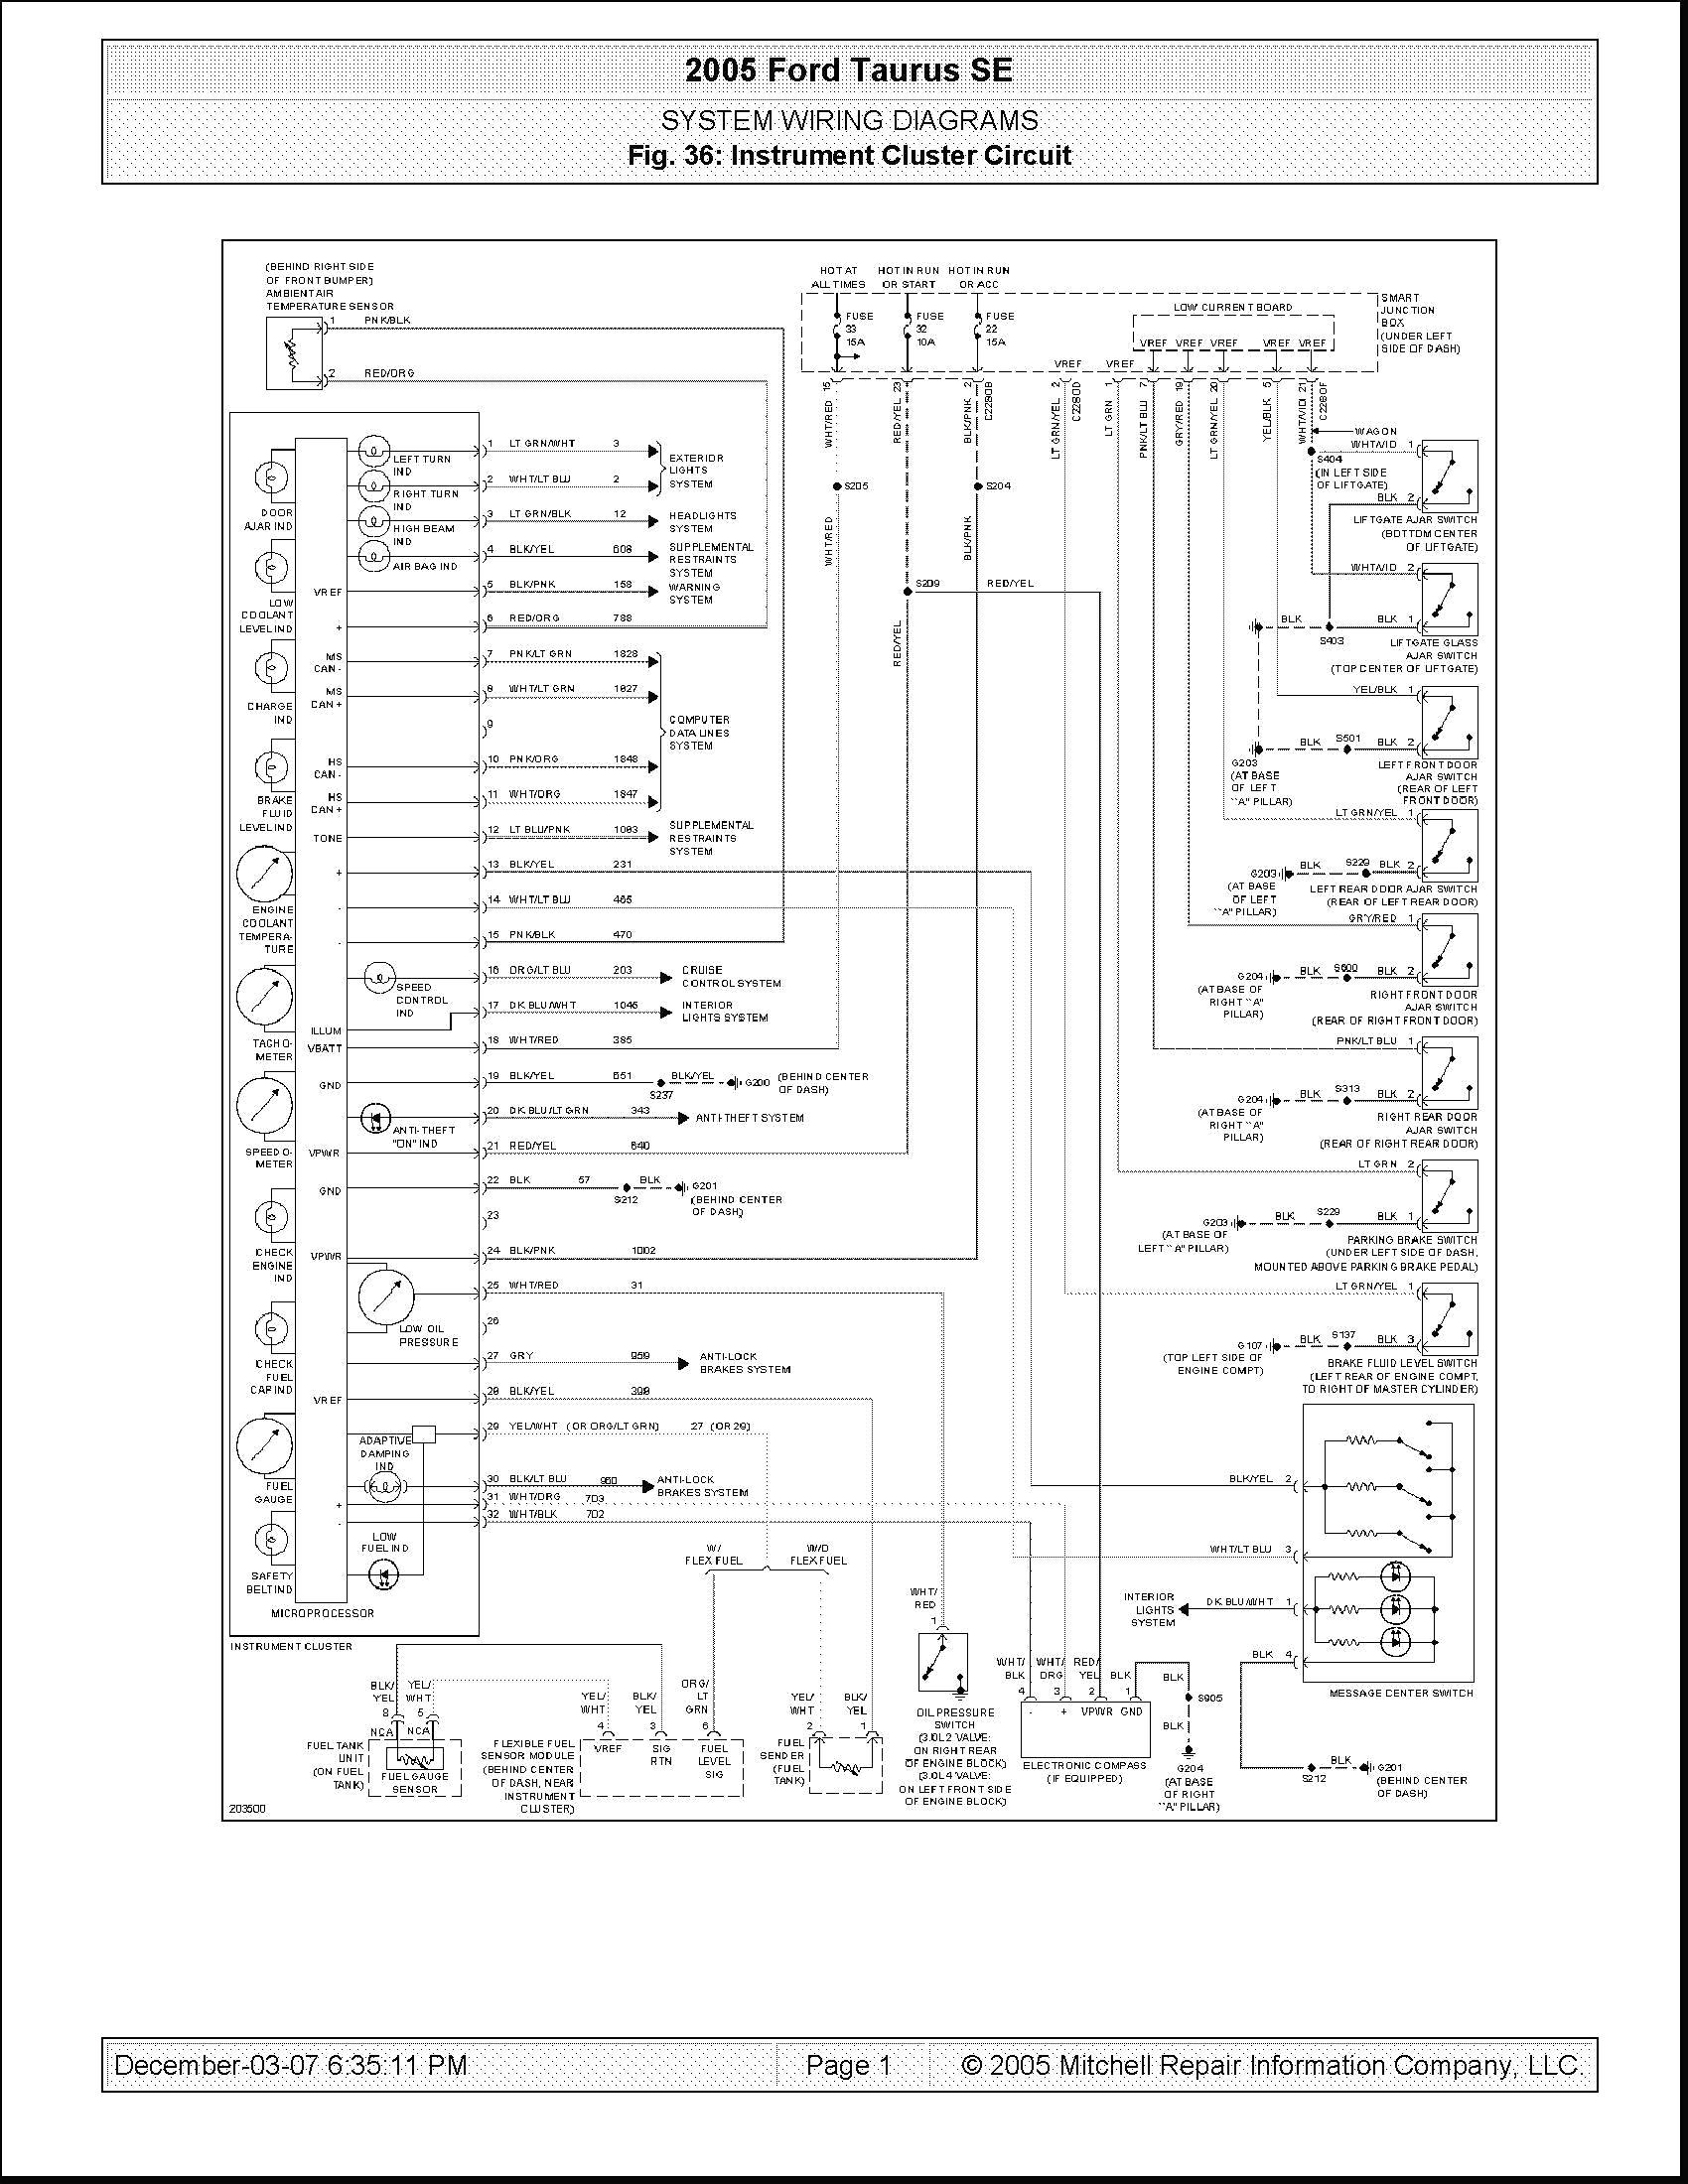 2000 Ford Taurus Wiring Schematic